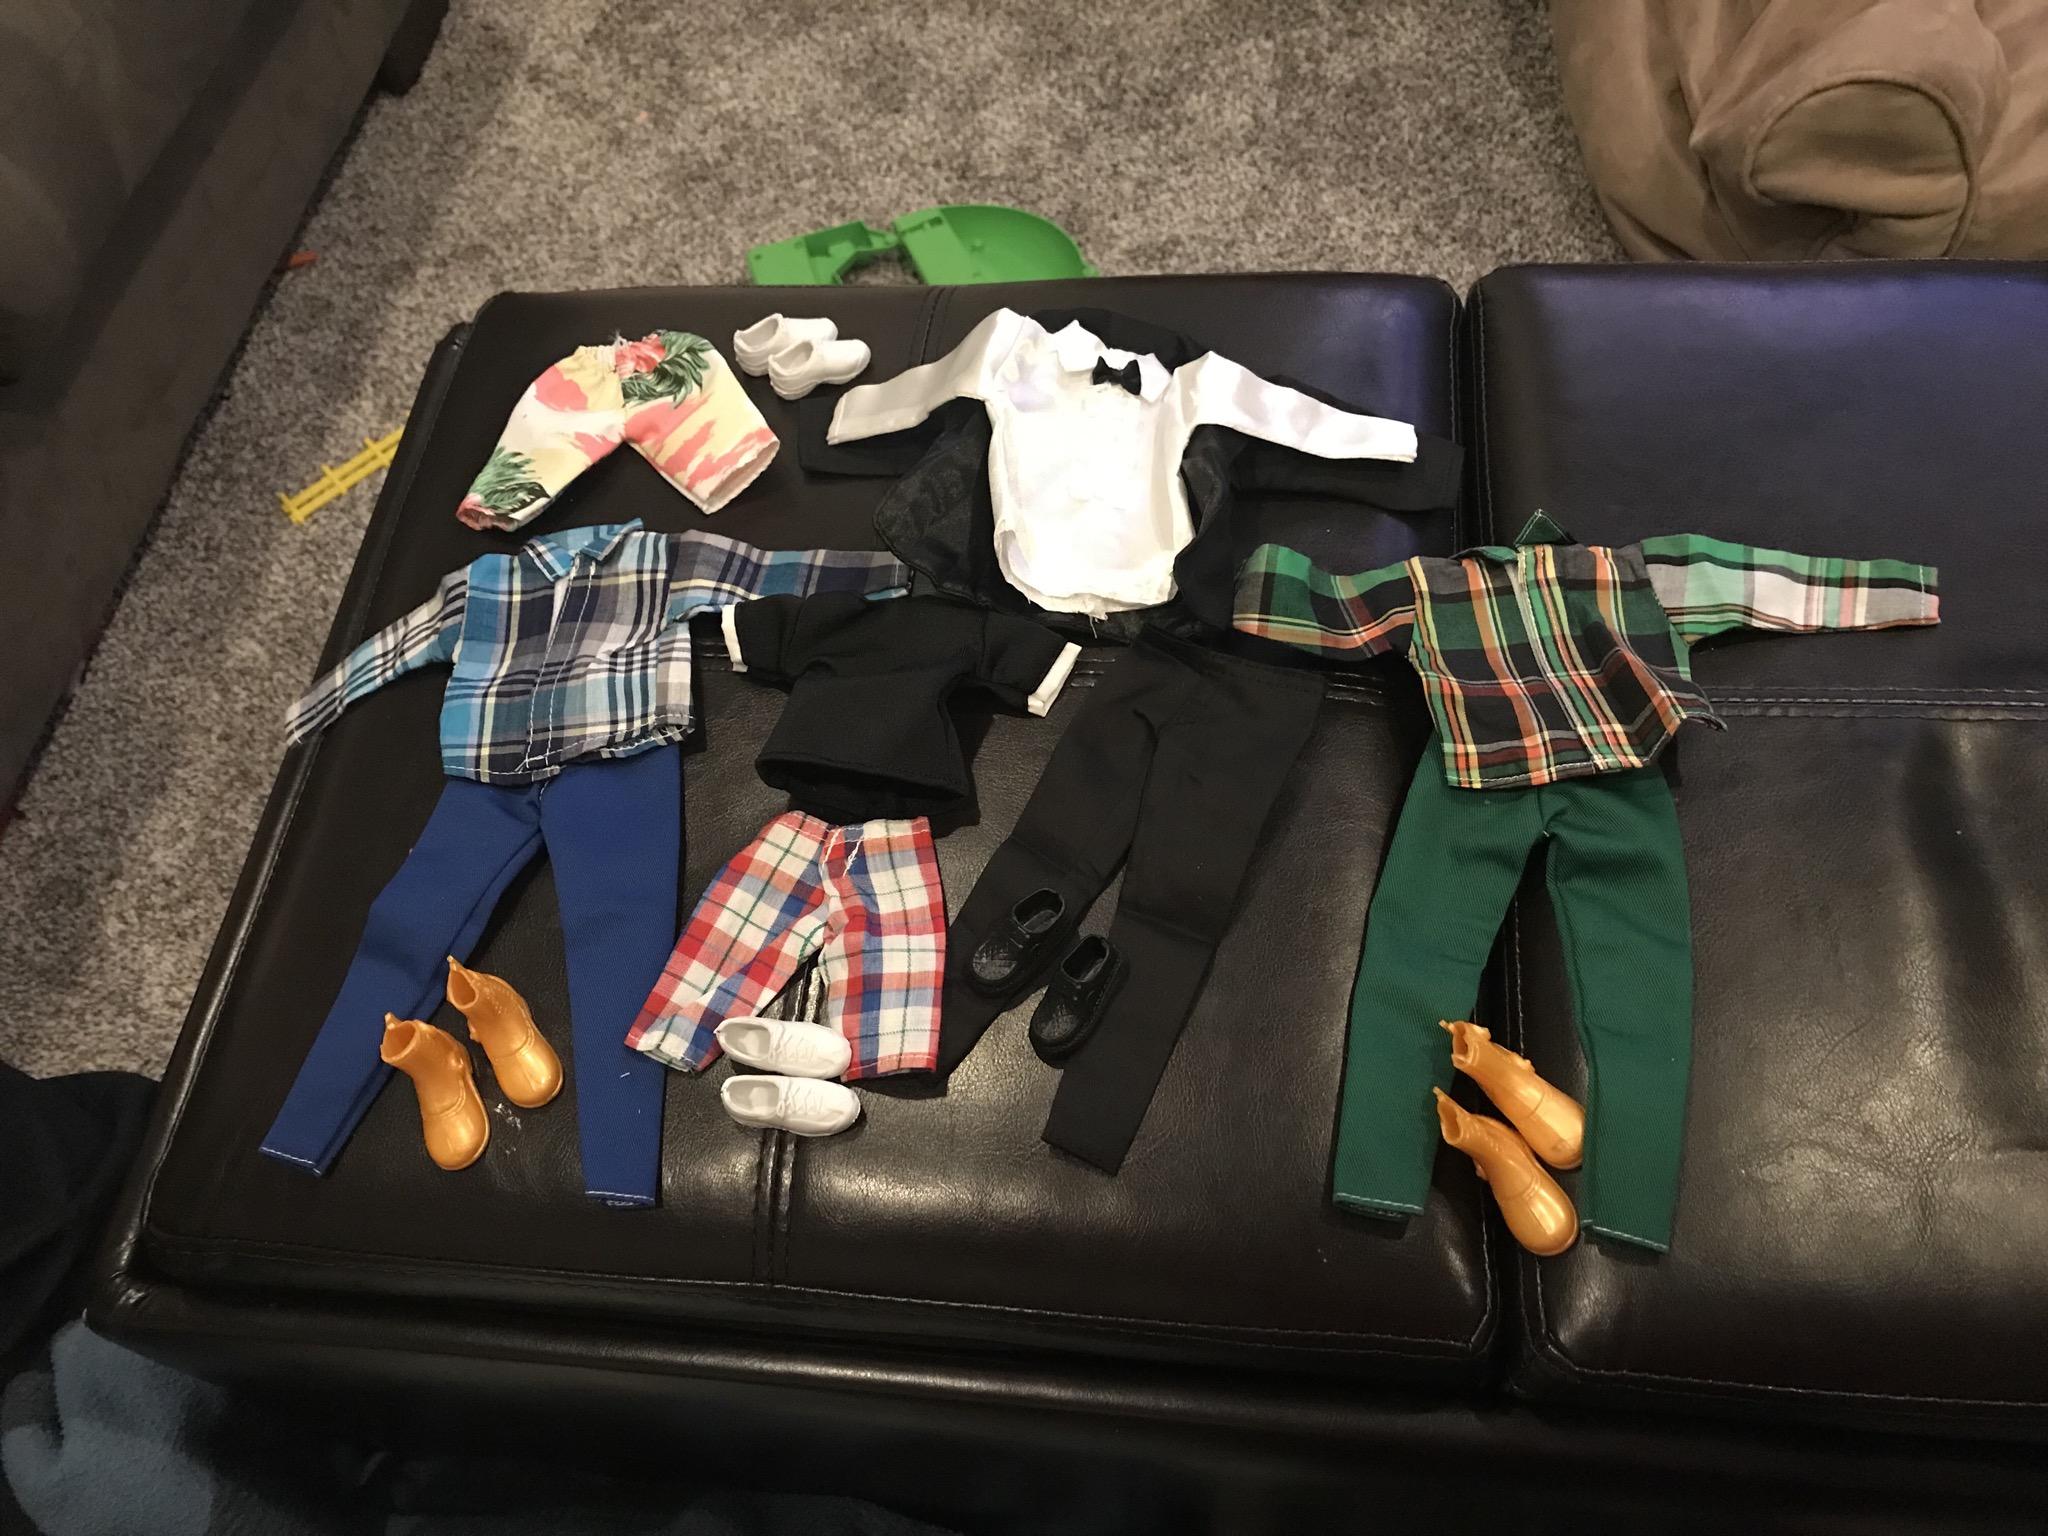 Adorable clothes for Ken